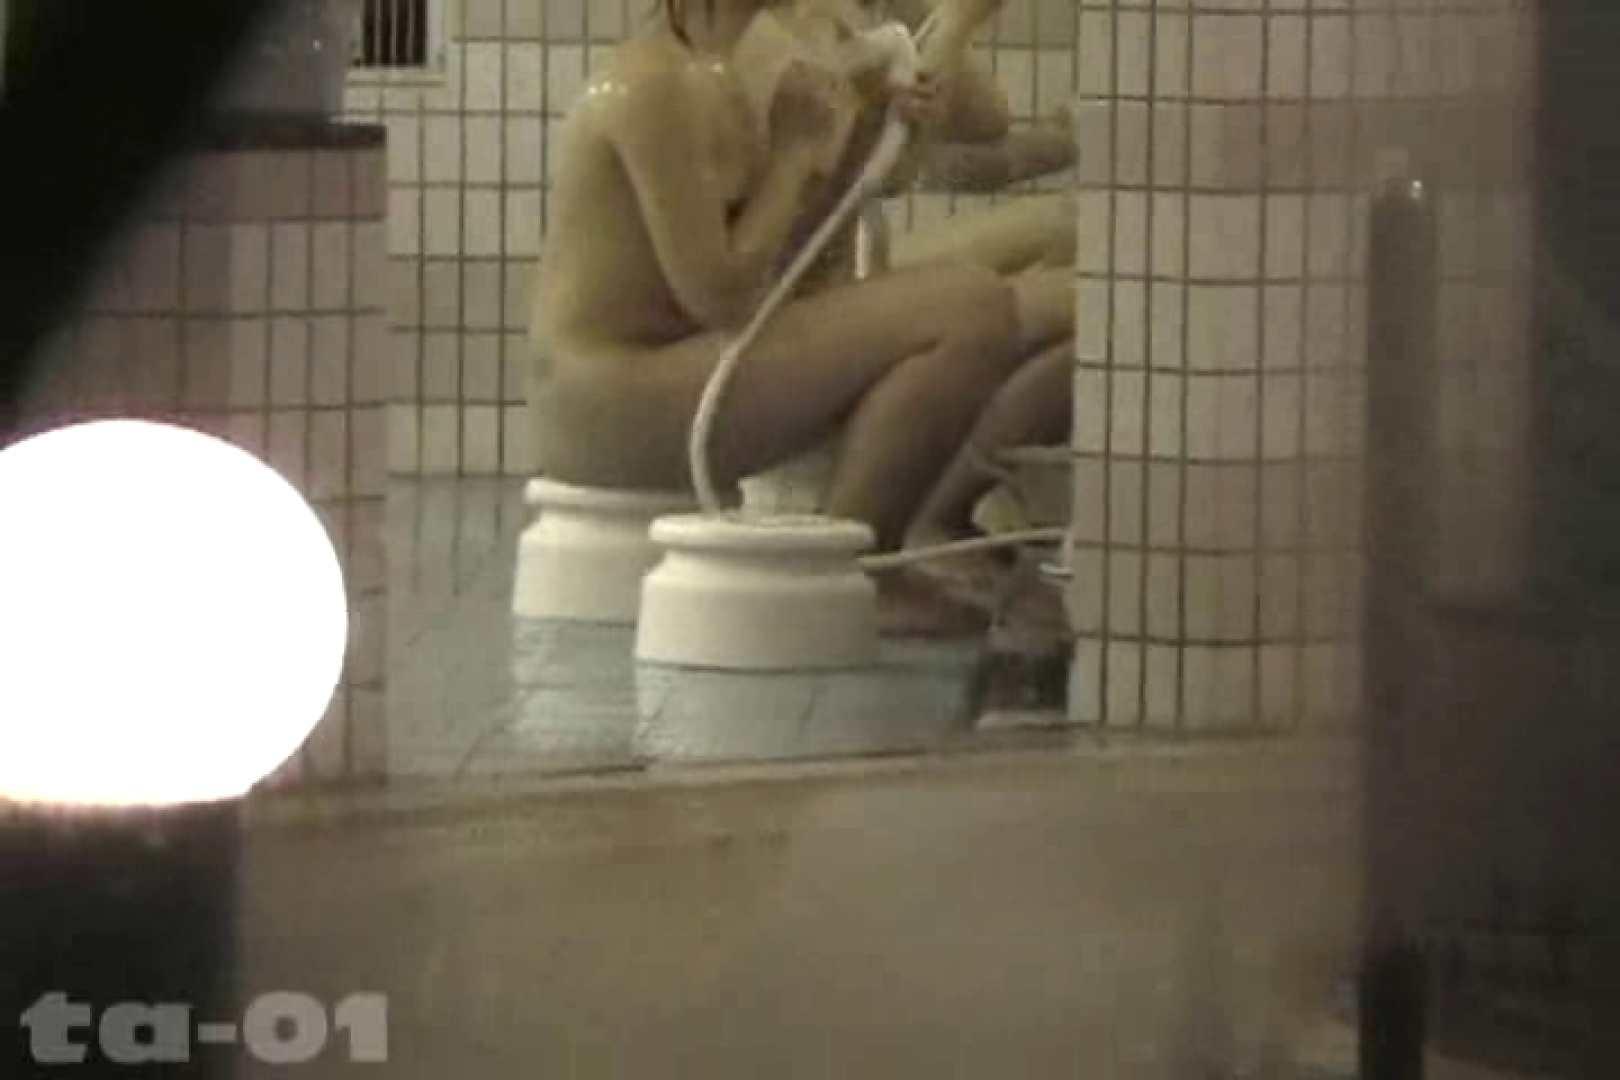 合宿ホテル女風呂盗撮高画質版 Vol.01 合宿 えろ無修正画像 98pic 83